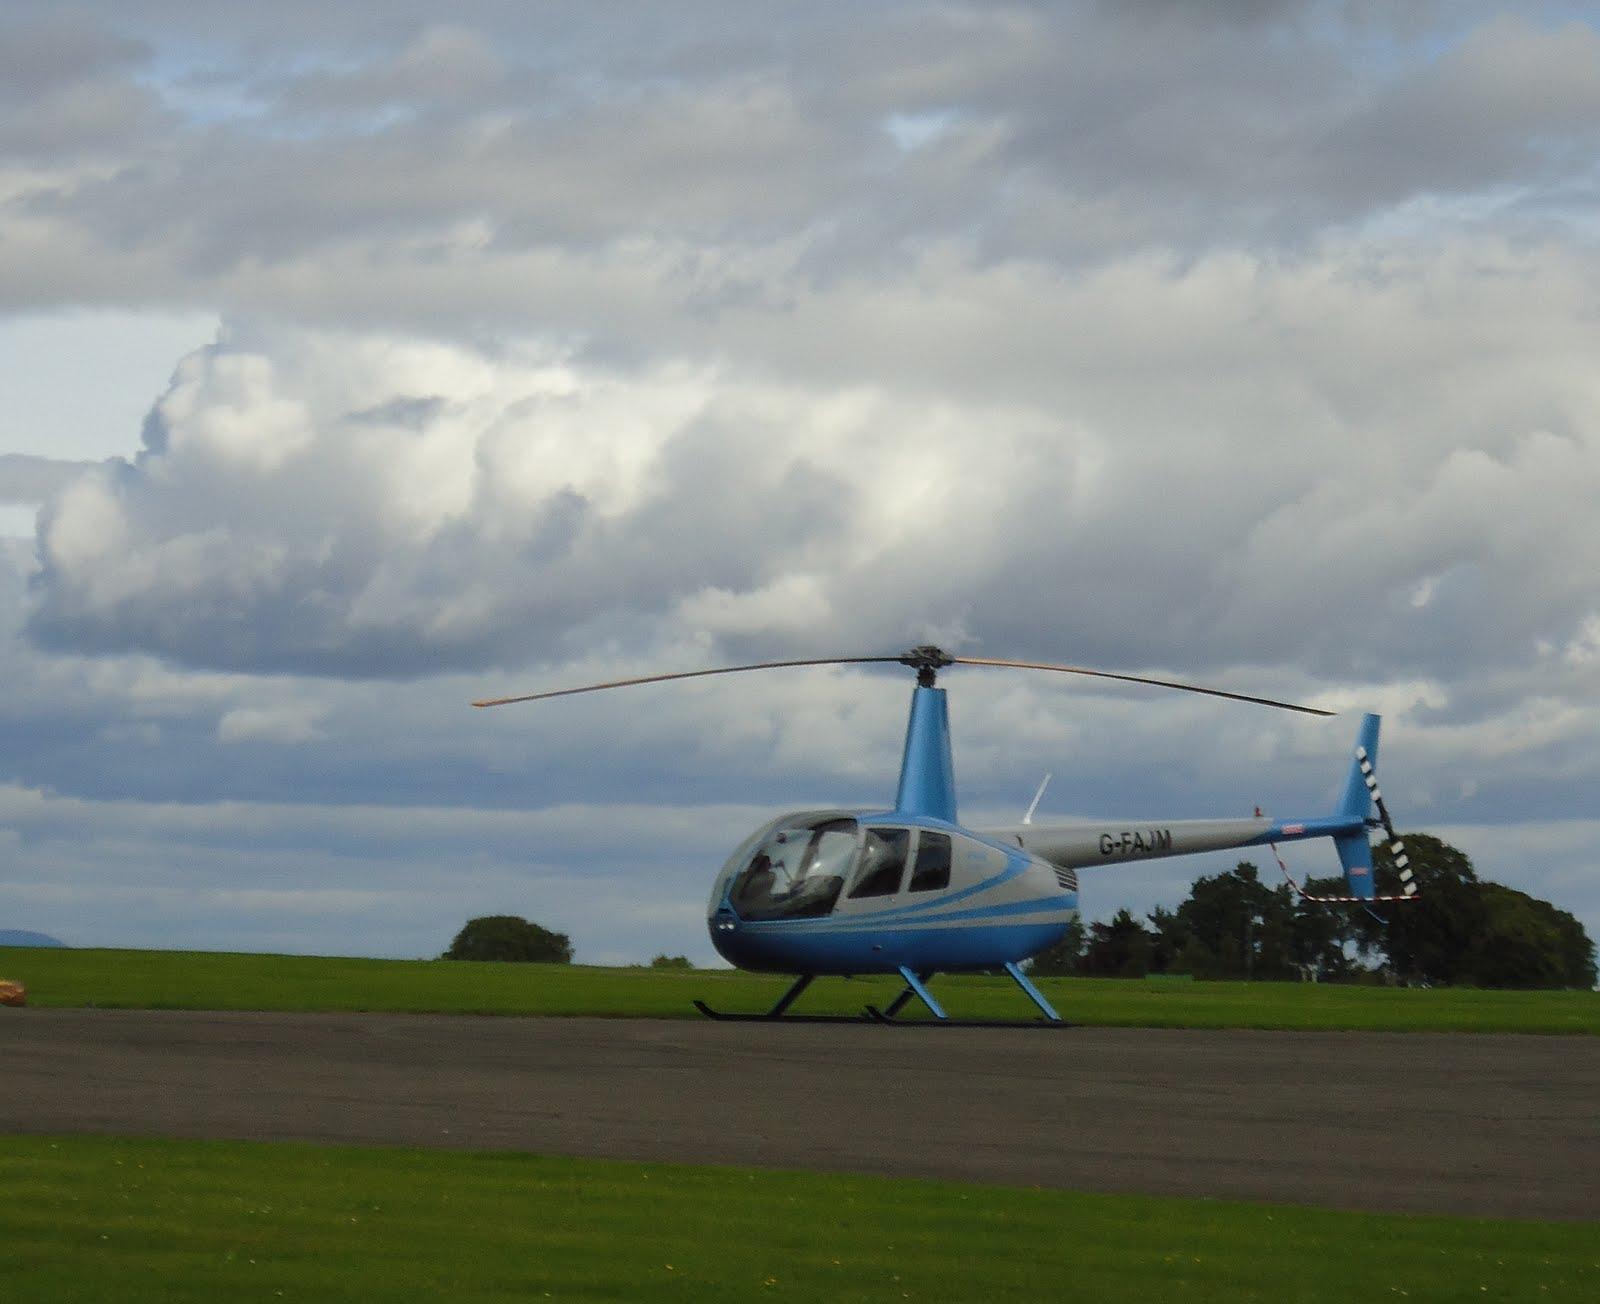 Tour Perth Helicopter Rides Scotland  Tour Perth Scotland